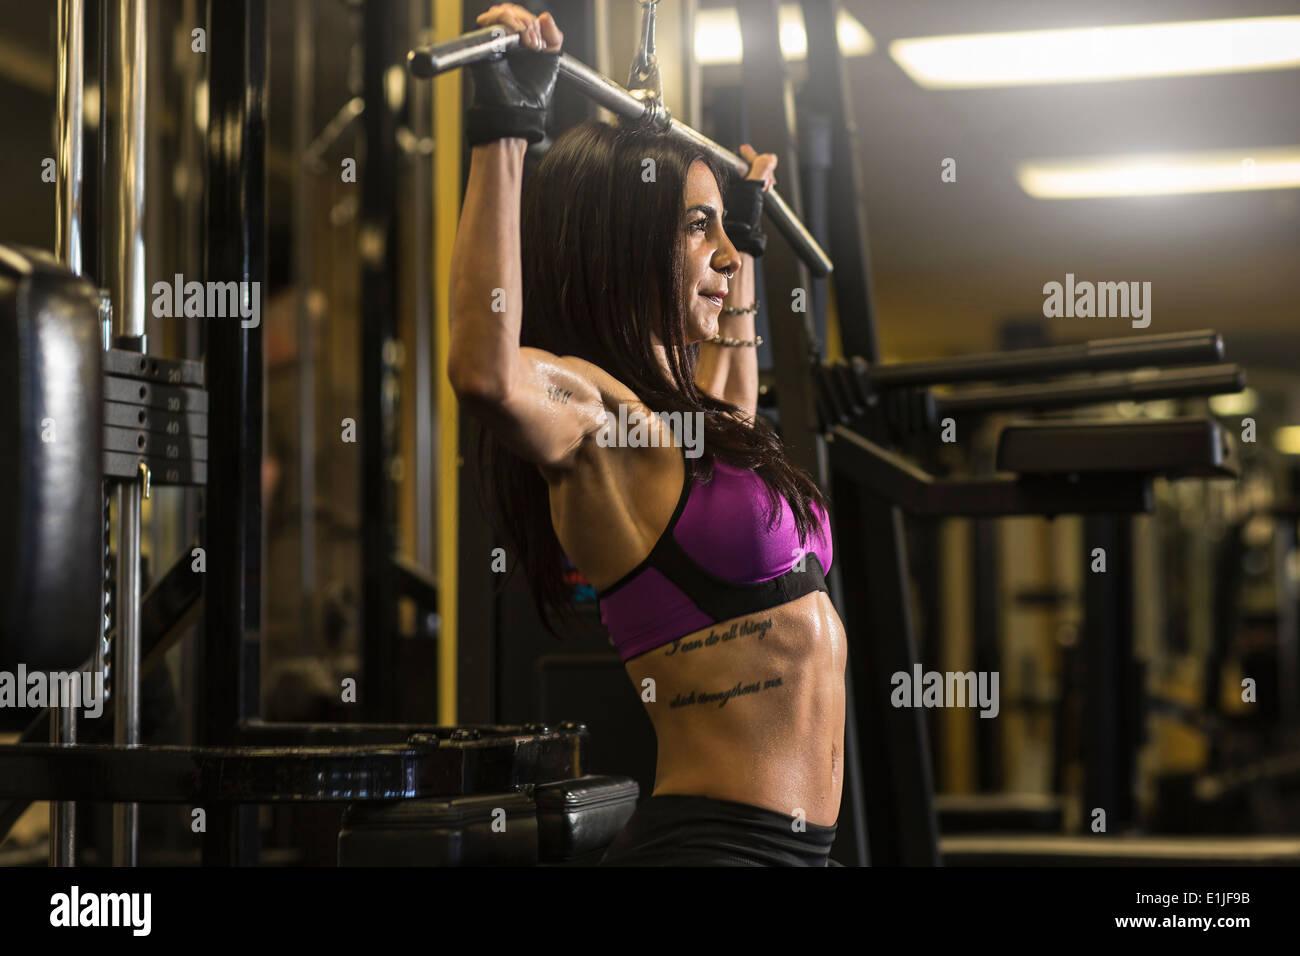 Mitte Erwachsene Frau im Fitnessstudio Brust Übung Stockbild